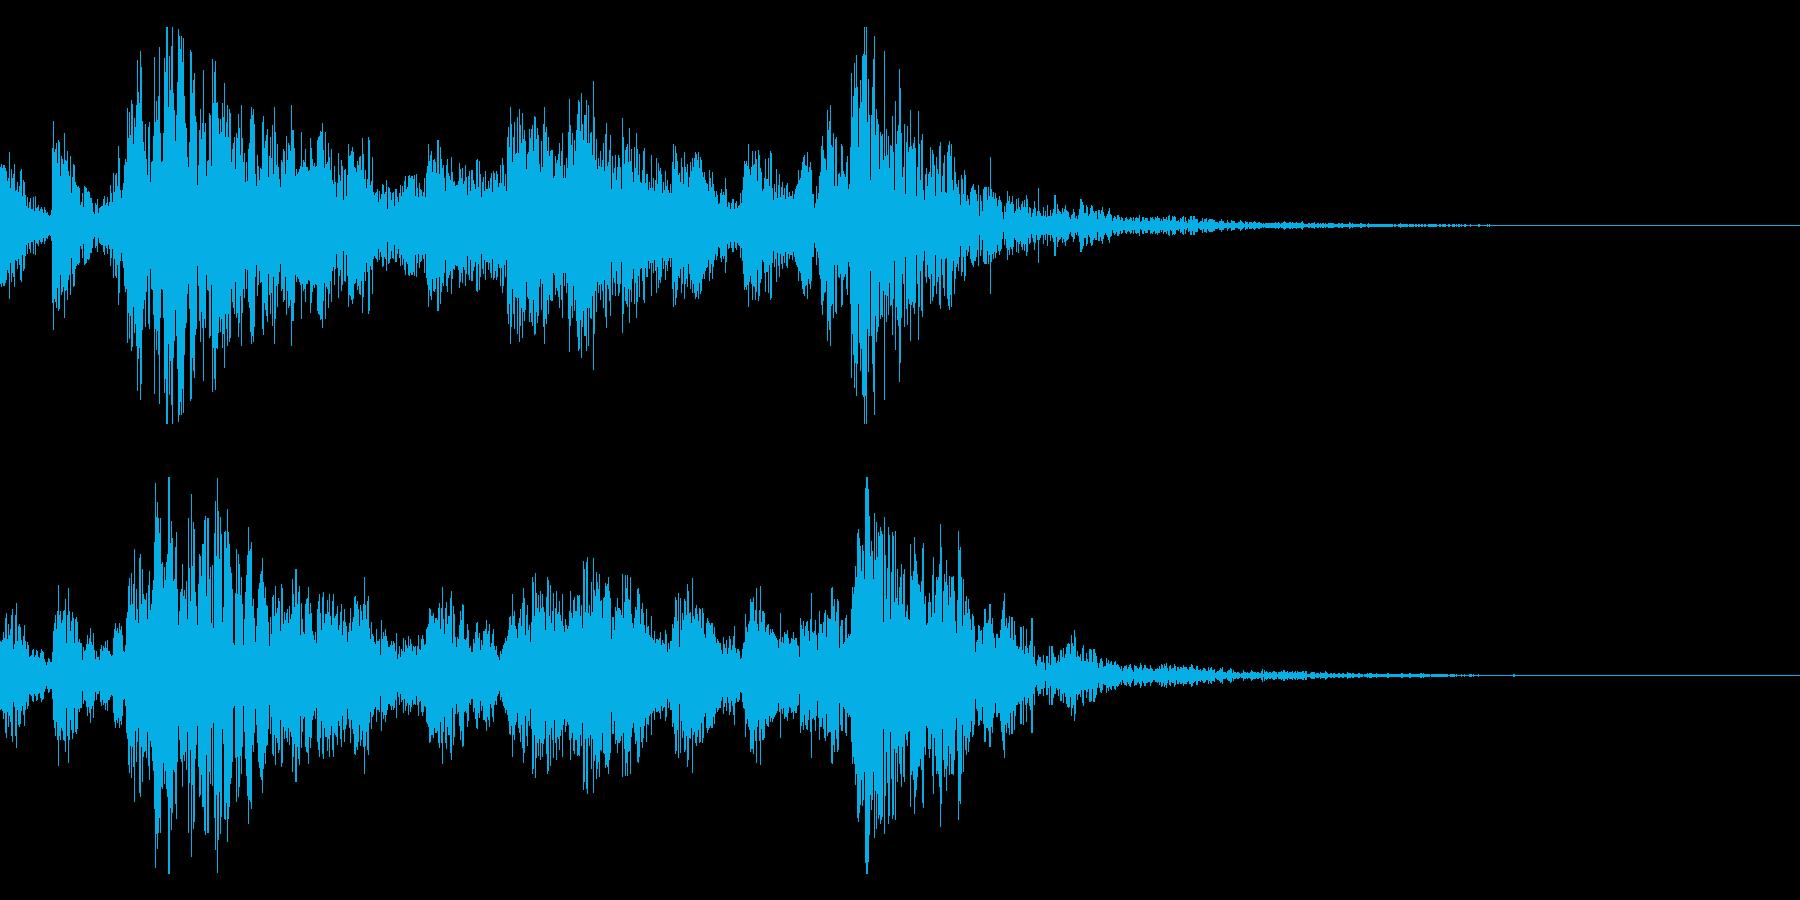 太鼓の和太鼓フレーズ/和風ジングル 34の再生済みの波形